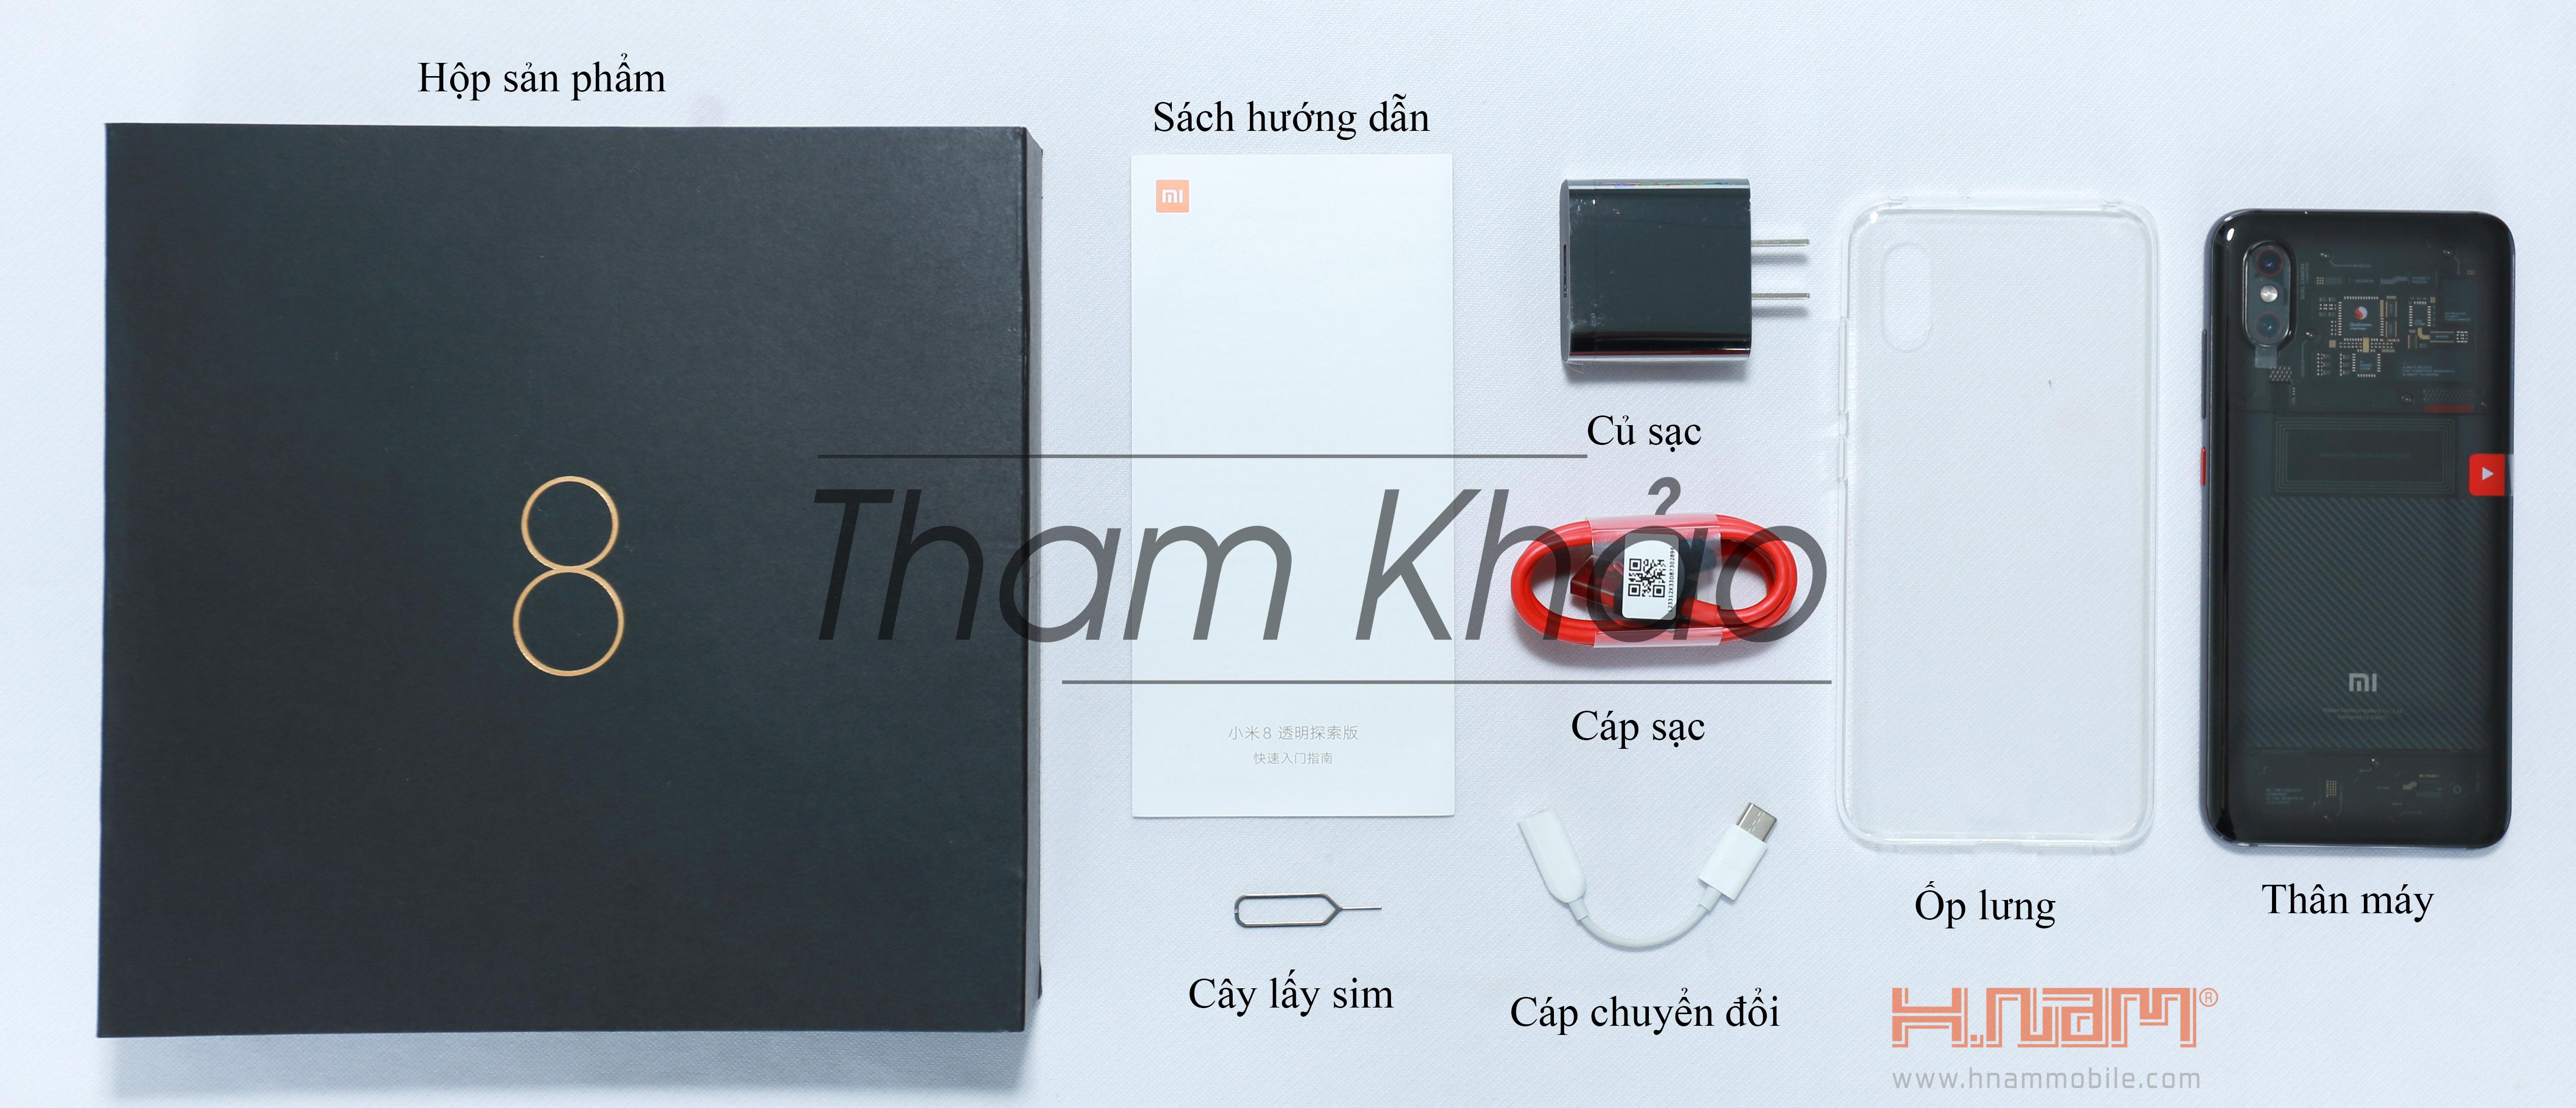 Xiaomi Mi 8 Explorer Edition 128Gb Ram 8Gb ( 17 Bà Hom ) hình sản phẩm 0